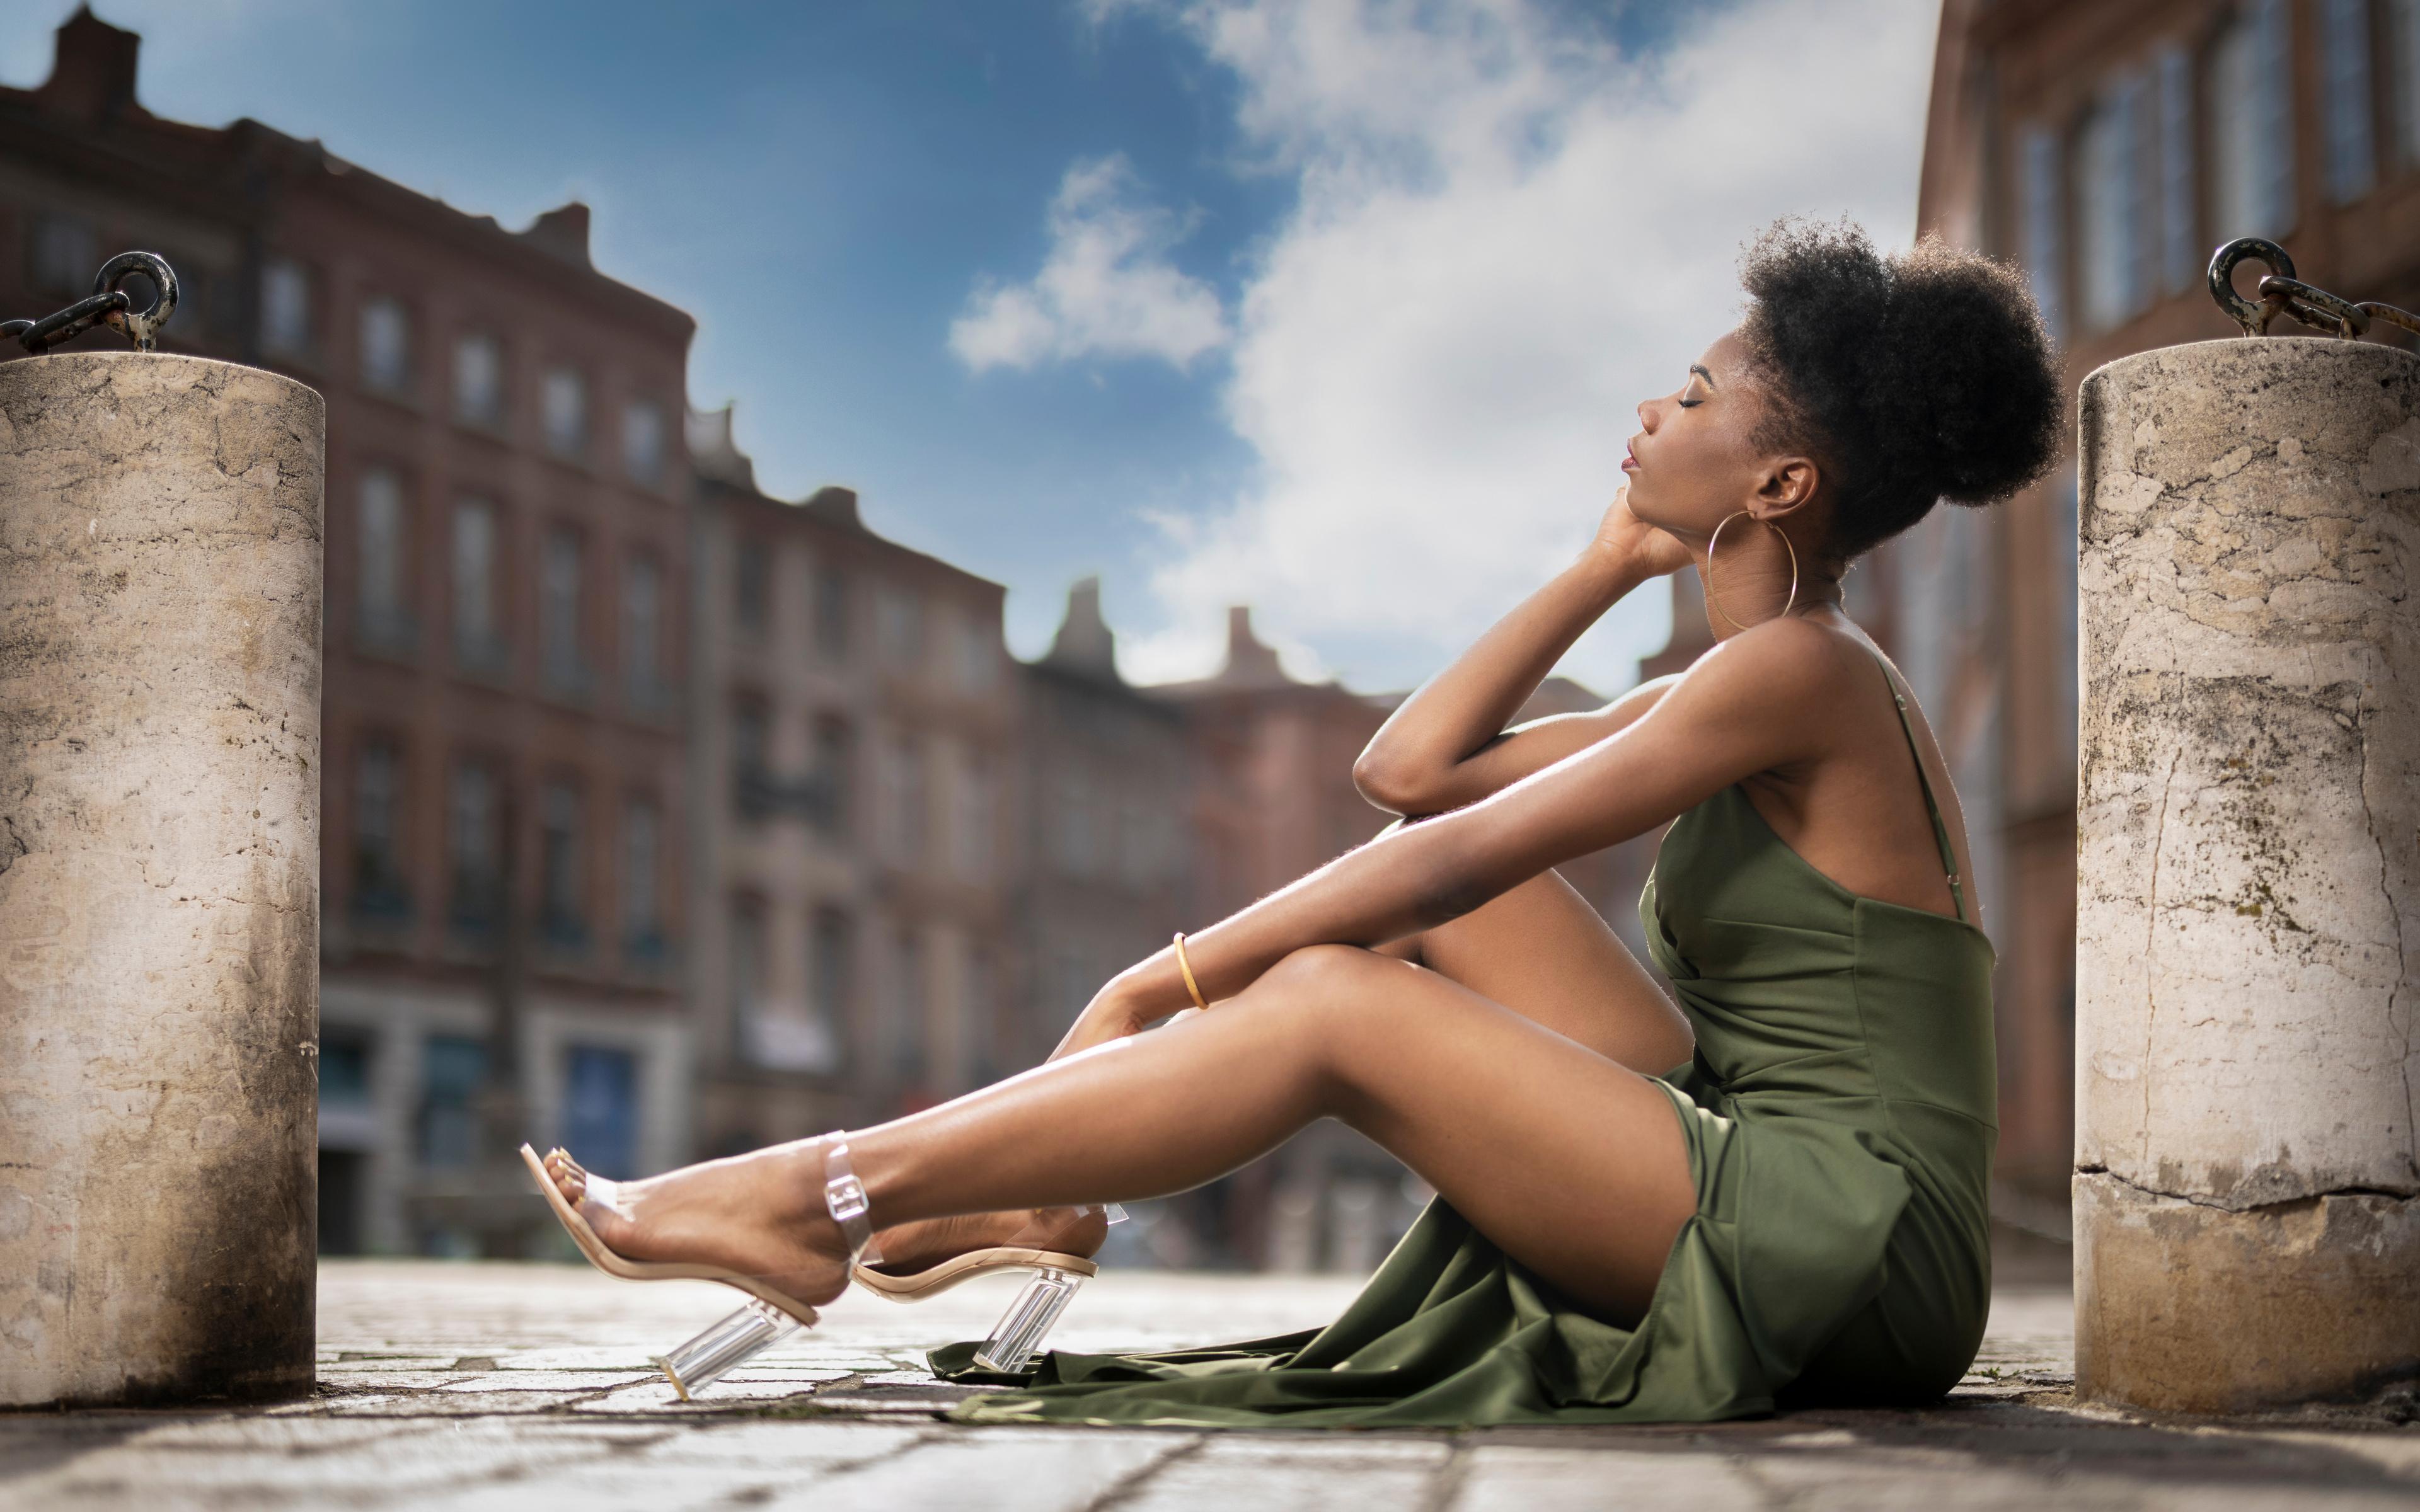 Fotos von Mary Neger junge Frauen Bein Sitzend Kleid 3840x2400 Mädchens junge frau sitzt sitzen